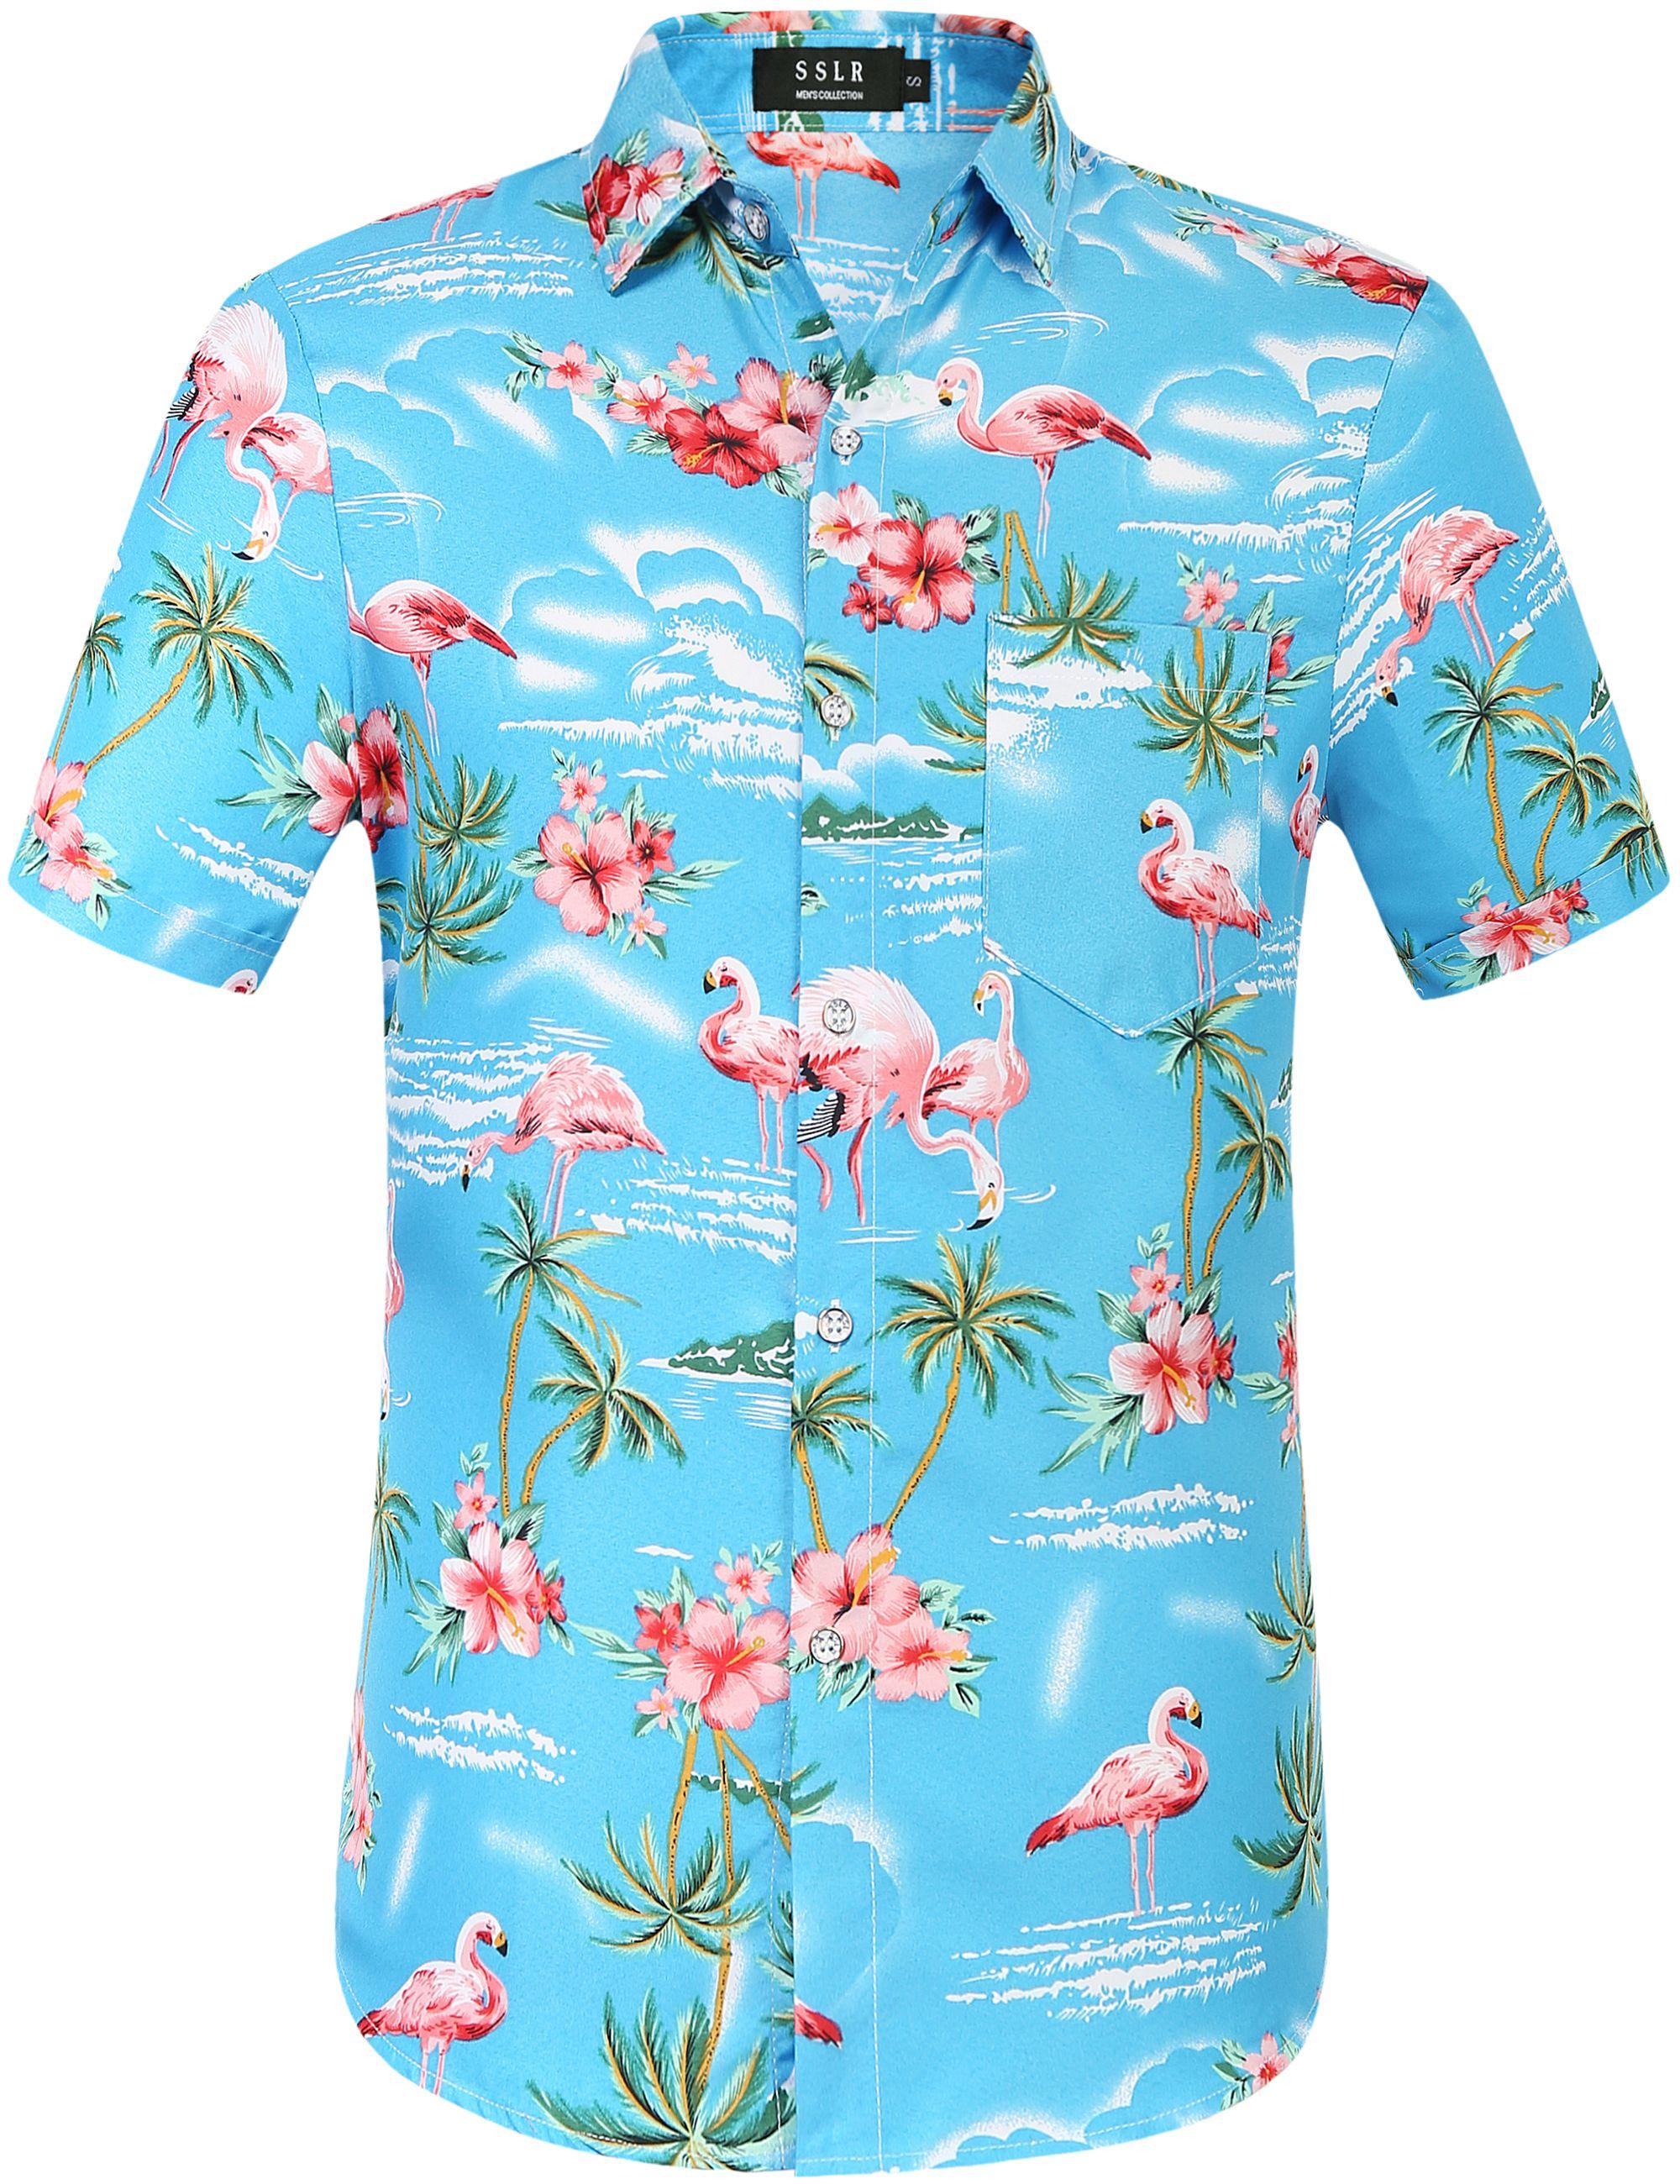 SSLR Hawaiian Shirt | Shirts, Mens hawaiian shirts, Hawaiian shirt